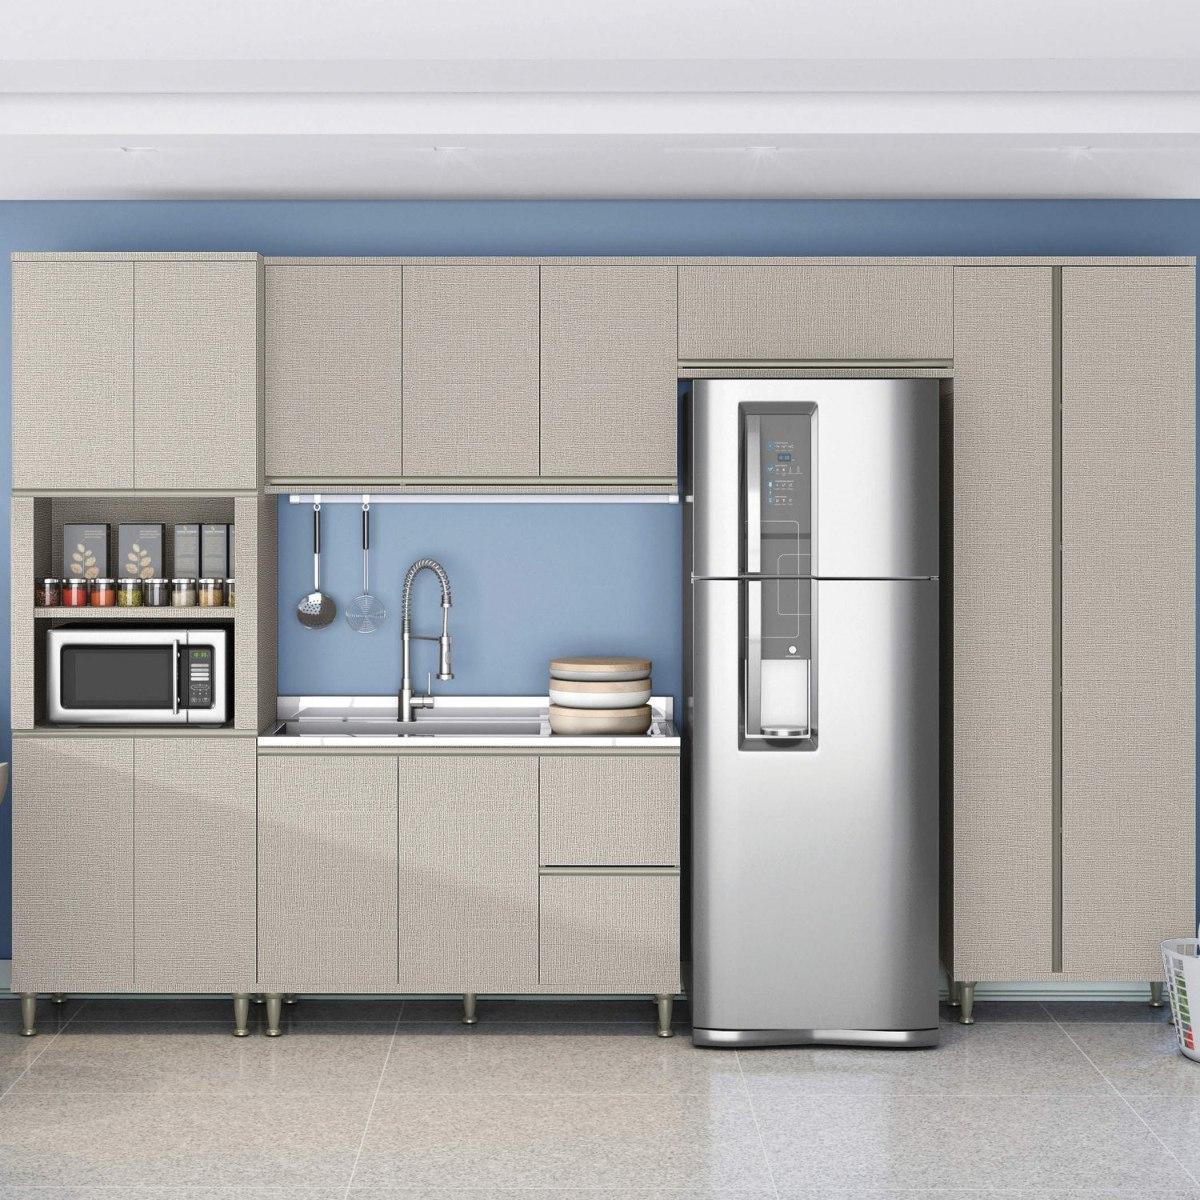 Cozinha Completa Sem Tampo 5 Pe As 12 Portas N O Fi R 1 739 90